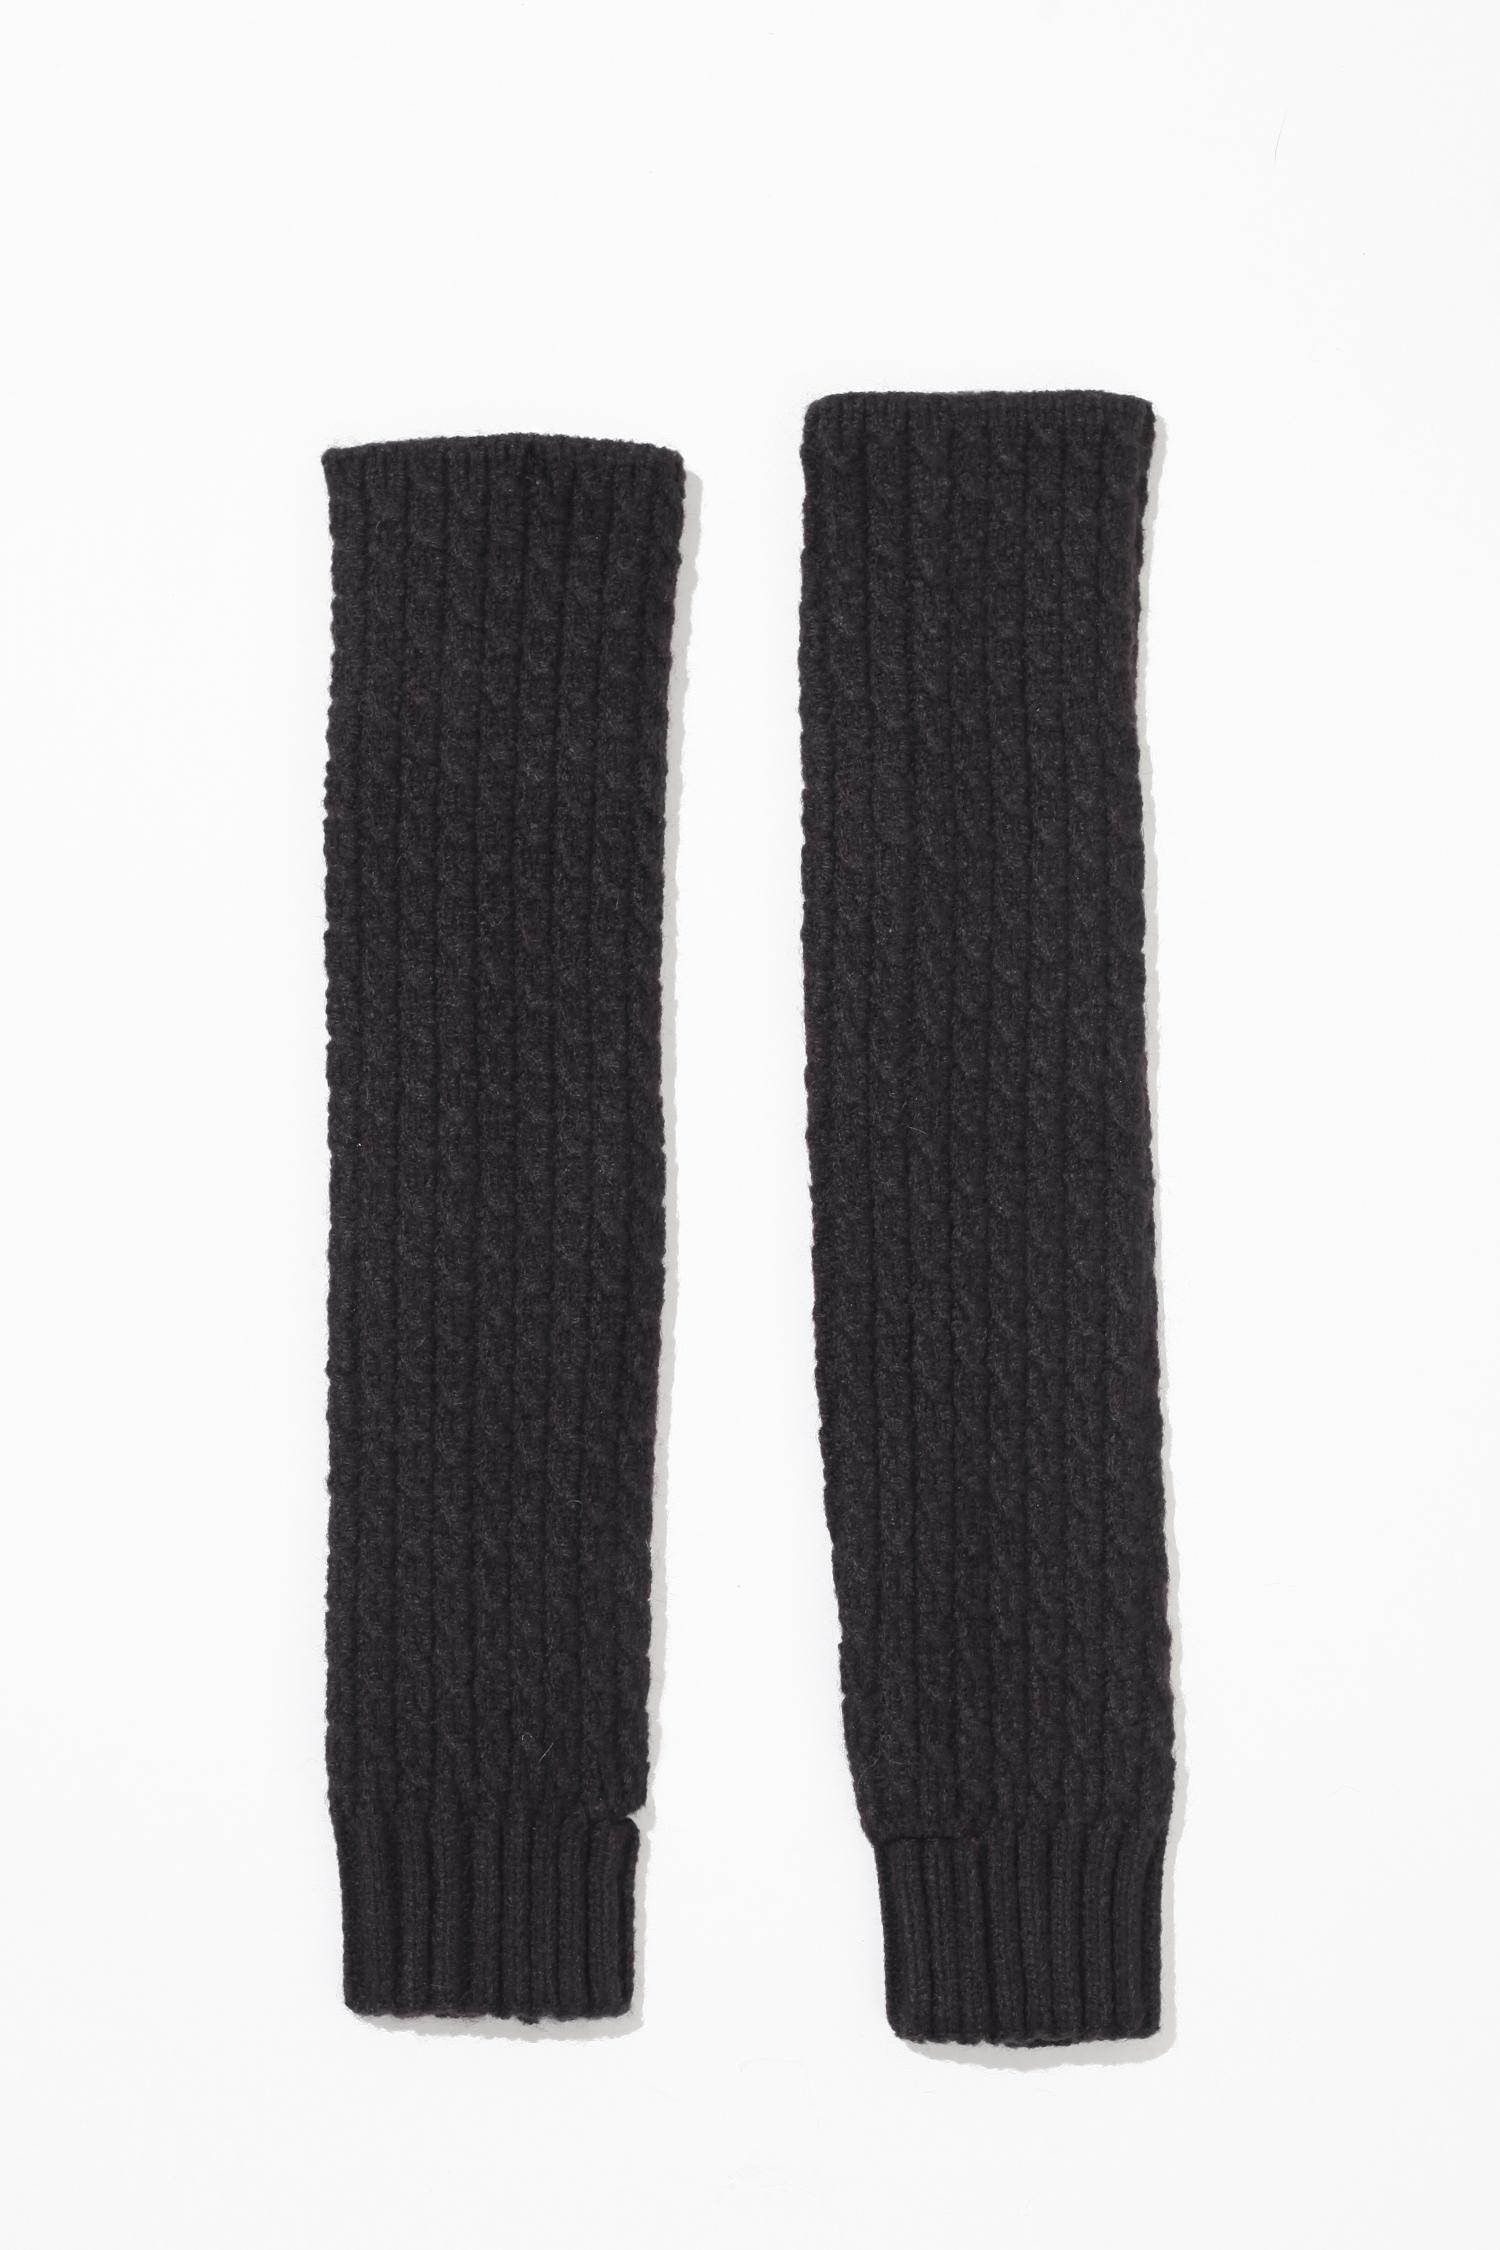 Митенки женские из текстиля<br><br>Длина см: Ультра короткая (менее 50 )<br>Материал: Текстиль<br>Цвет: коричневый<br>Пол: Женский